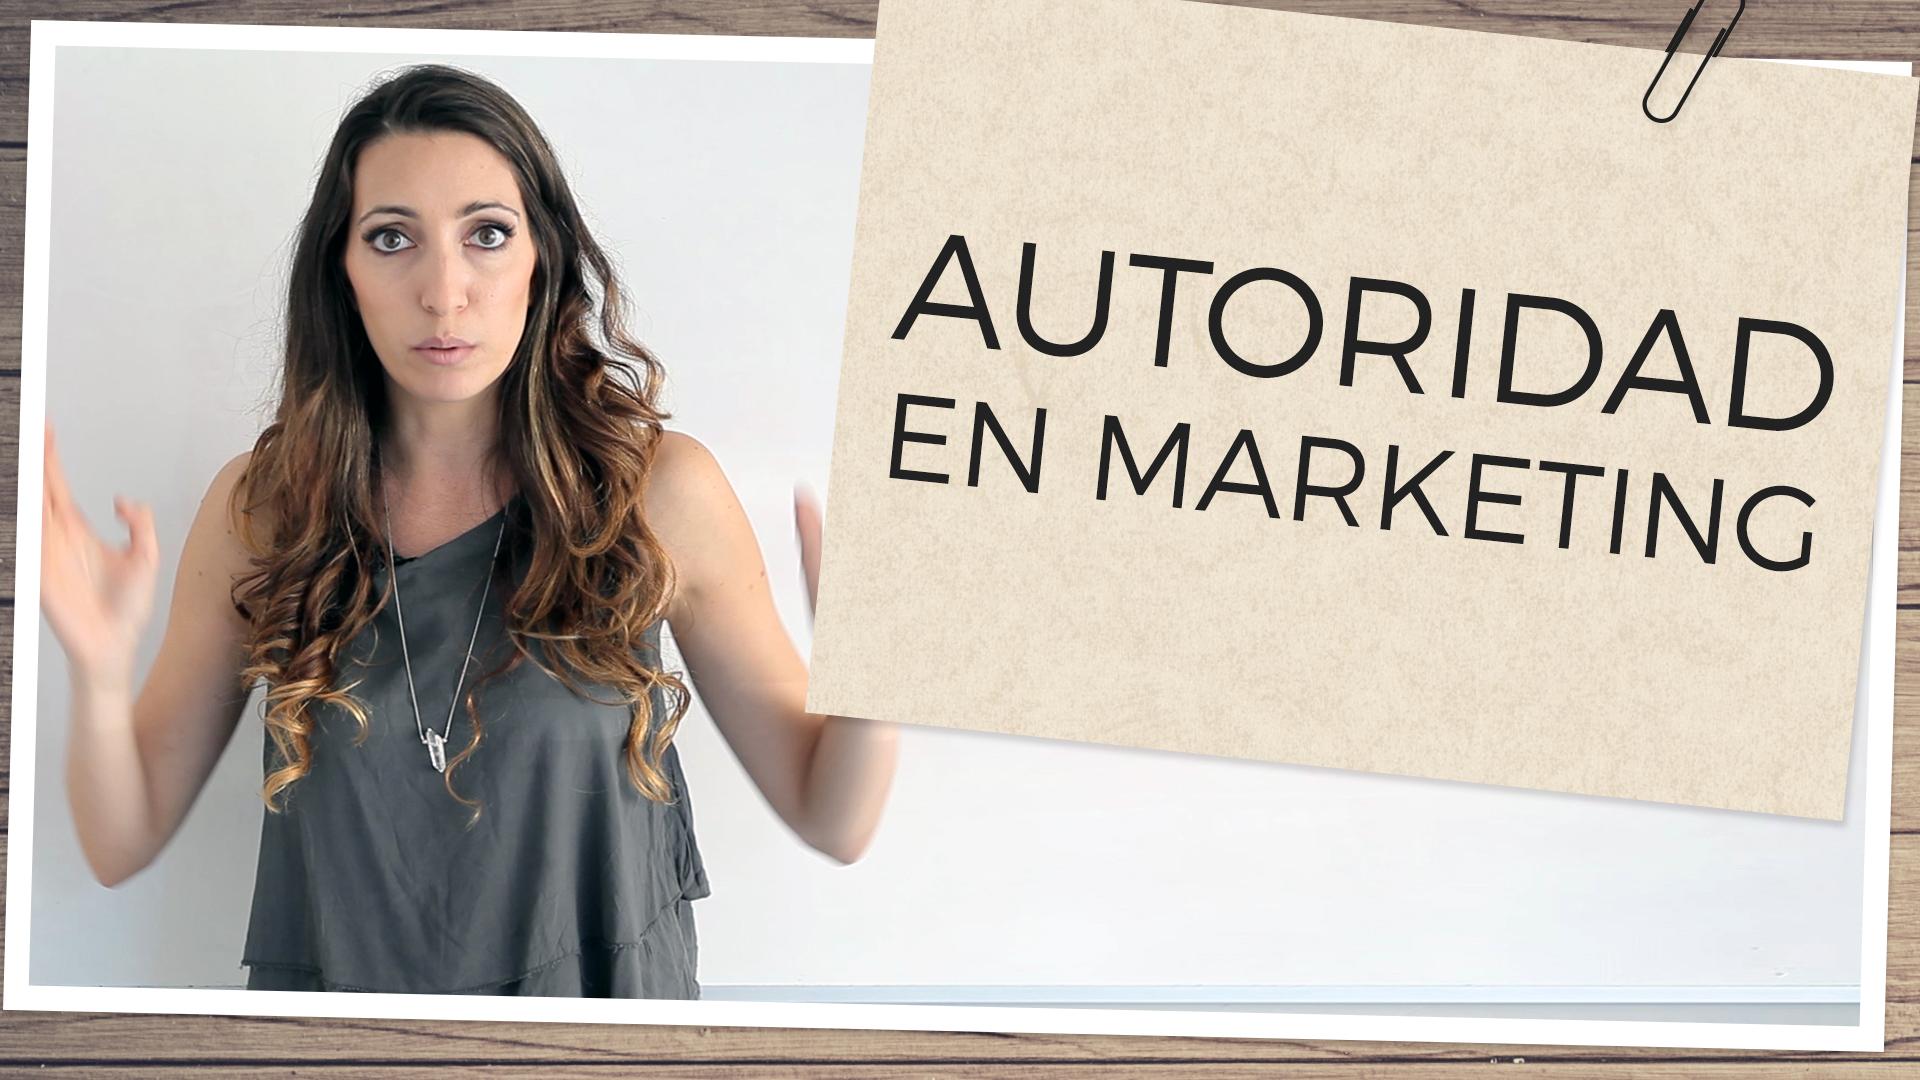 autoridad en marketing